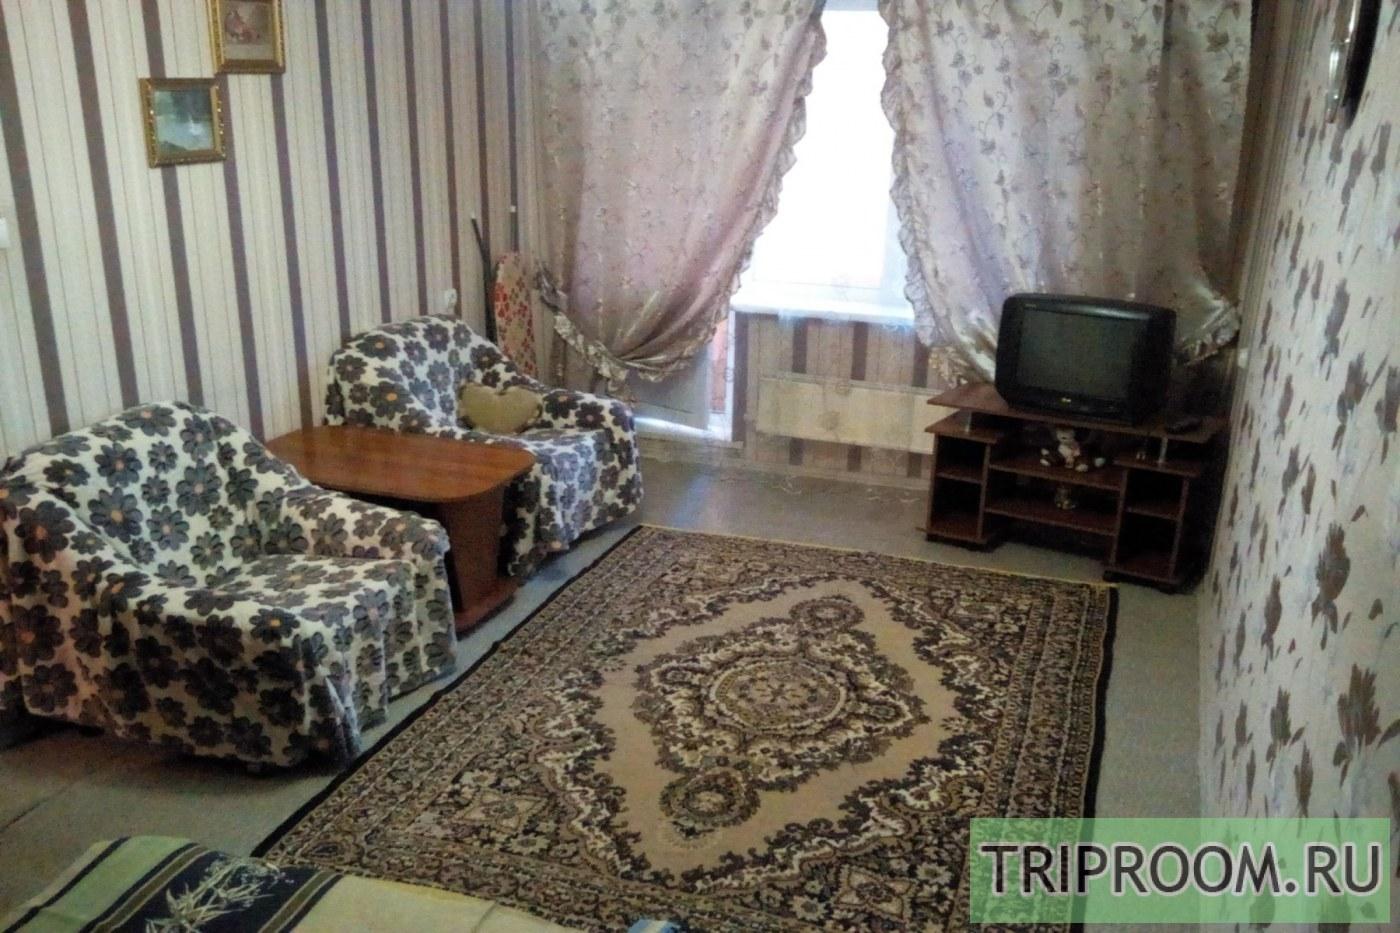 1-комнатная квартира посуточно (вариант № 39354), ул. Иркутский тракт, фото № 5